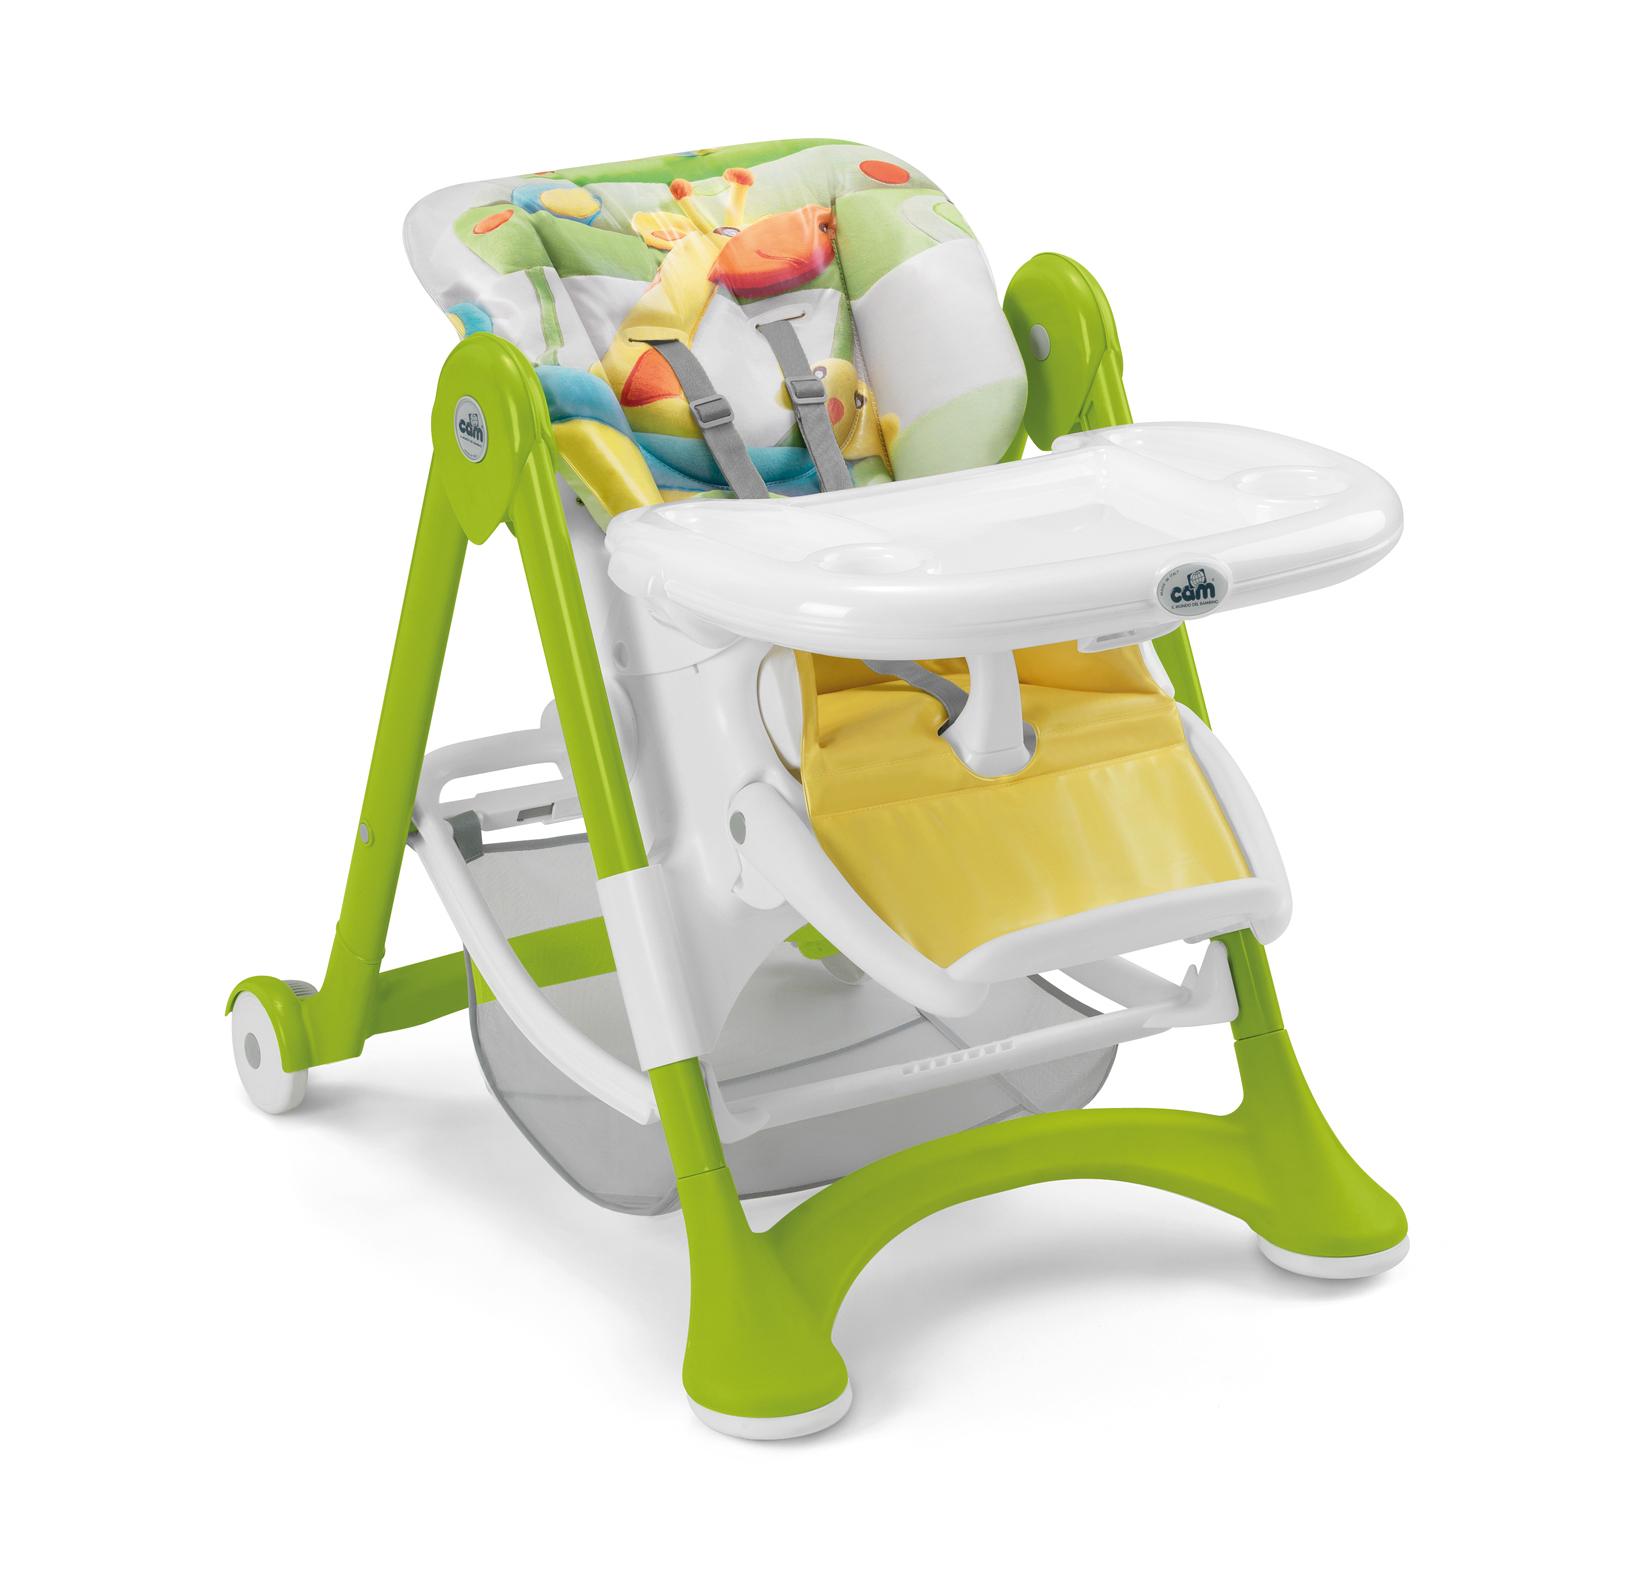 scaun pentru alaptat